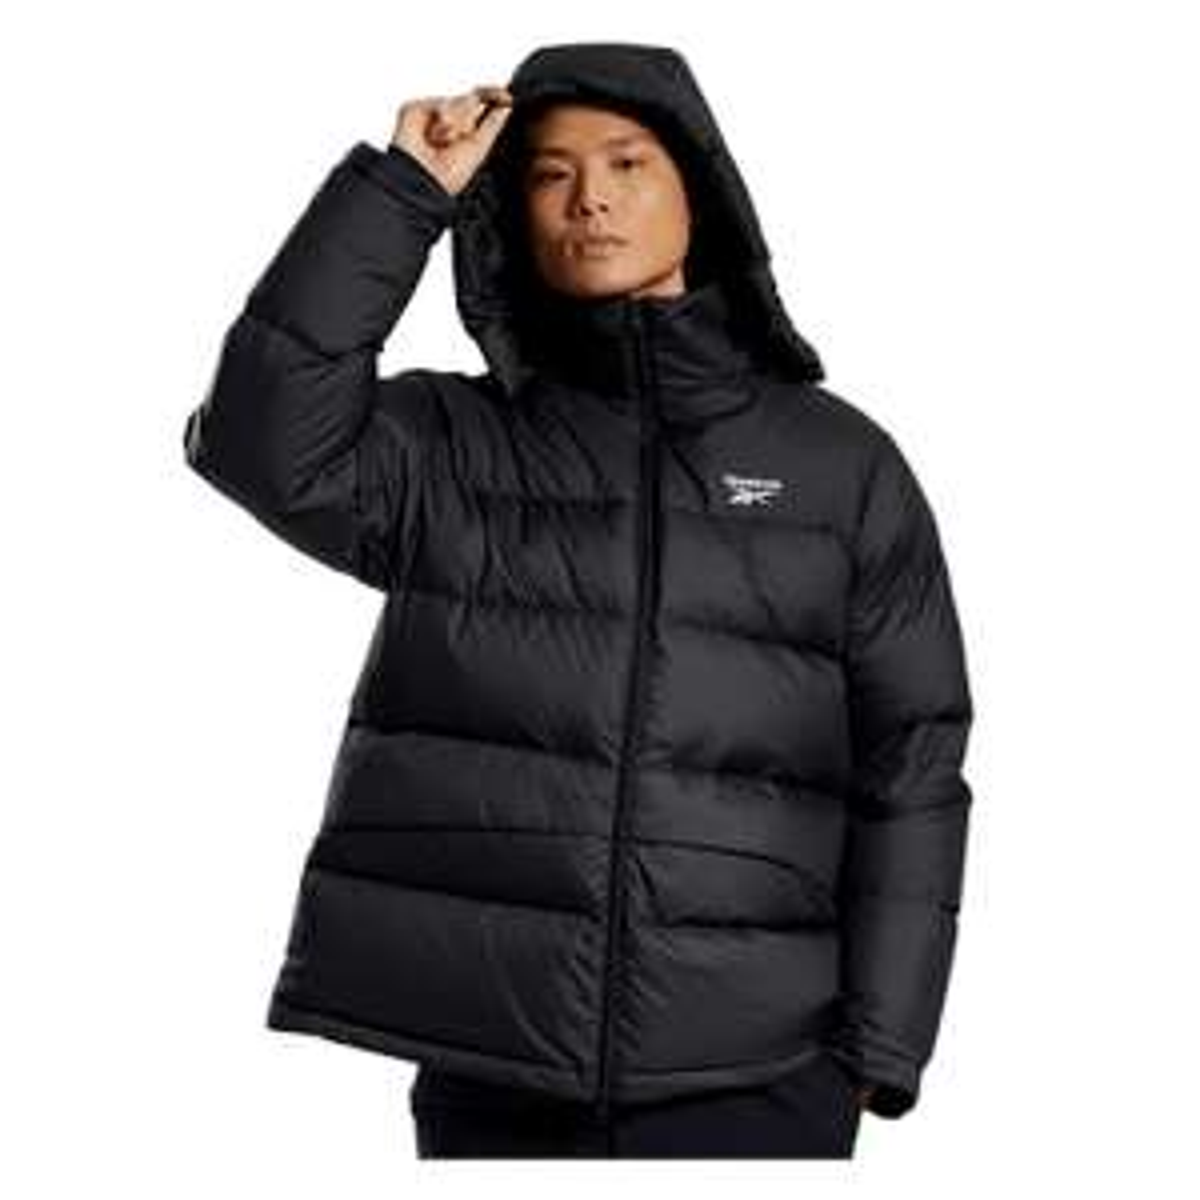 Reebok Daunenjacke Core Mid Down Jacket schwarz (Größe S-2XL)